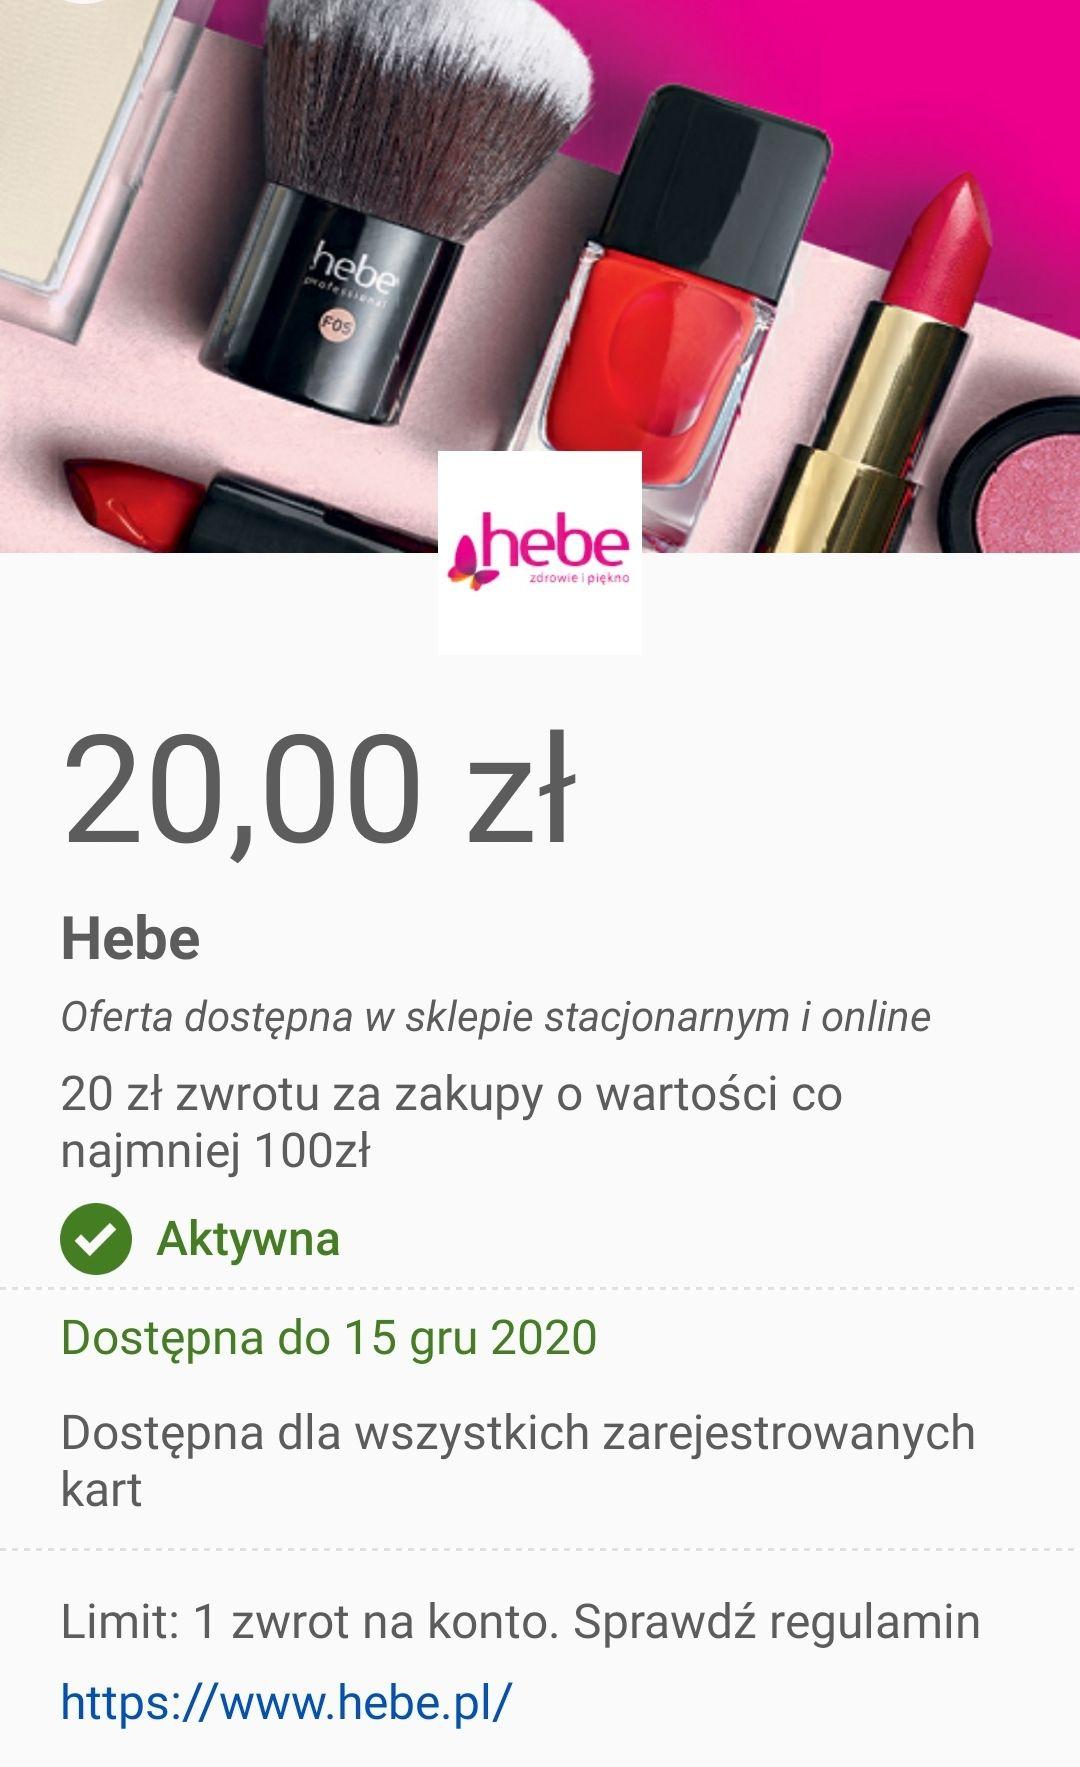 Hebe 20zl zwrotu z Visa Oferty MWZ 100zl